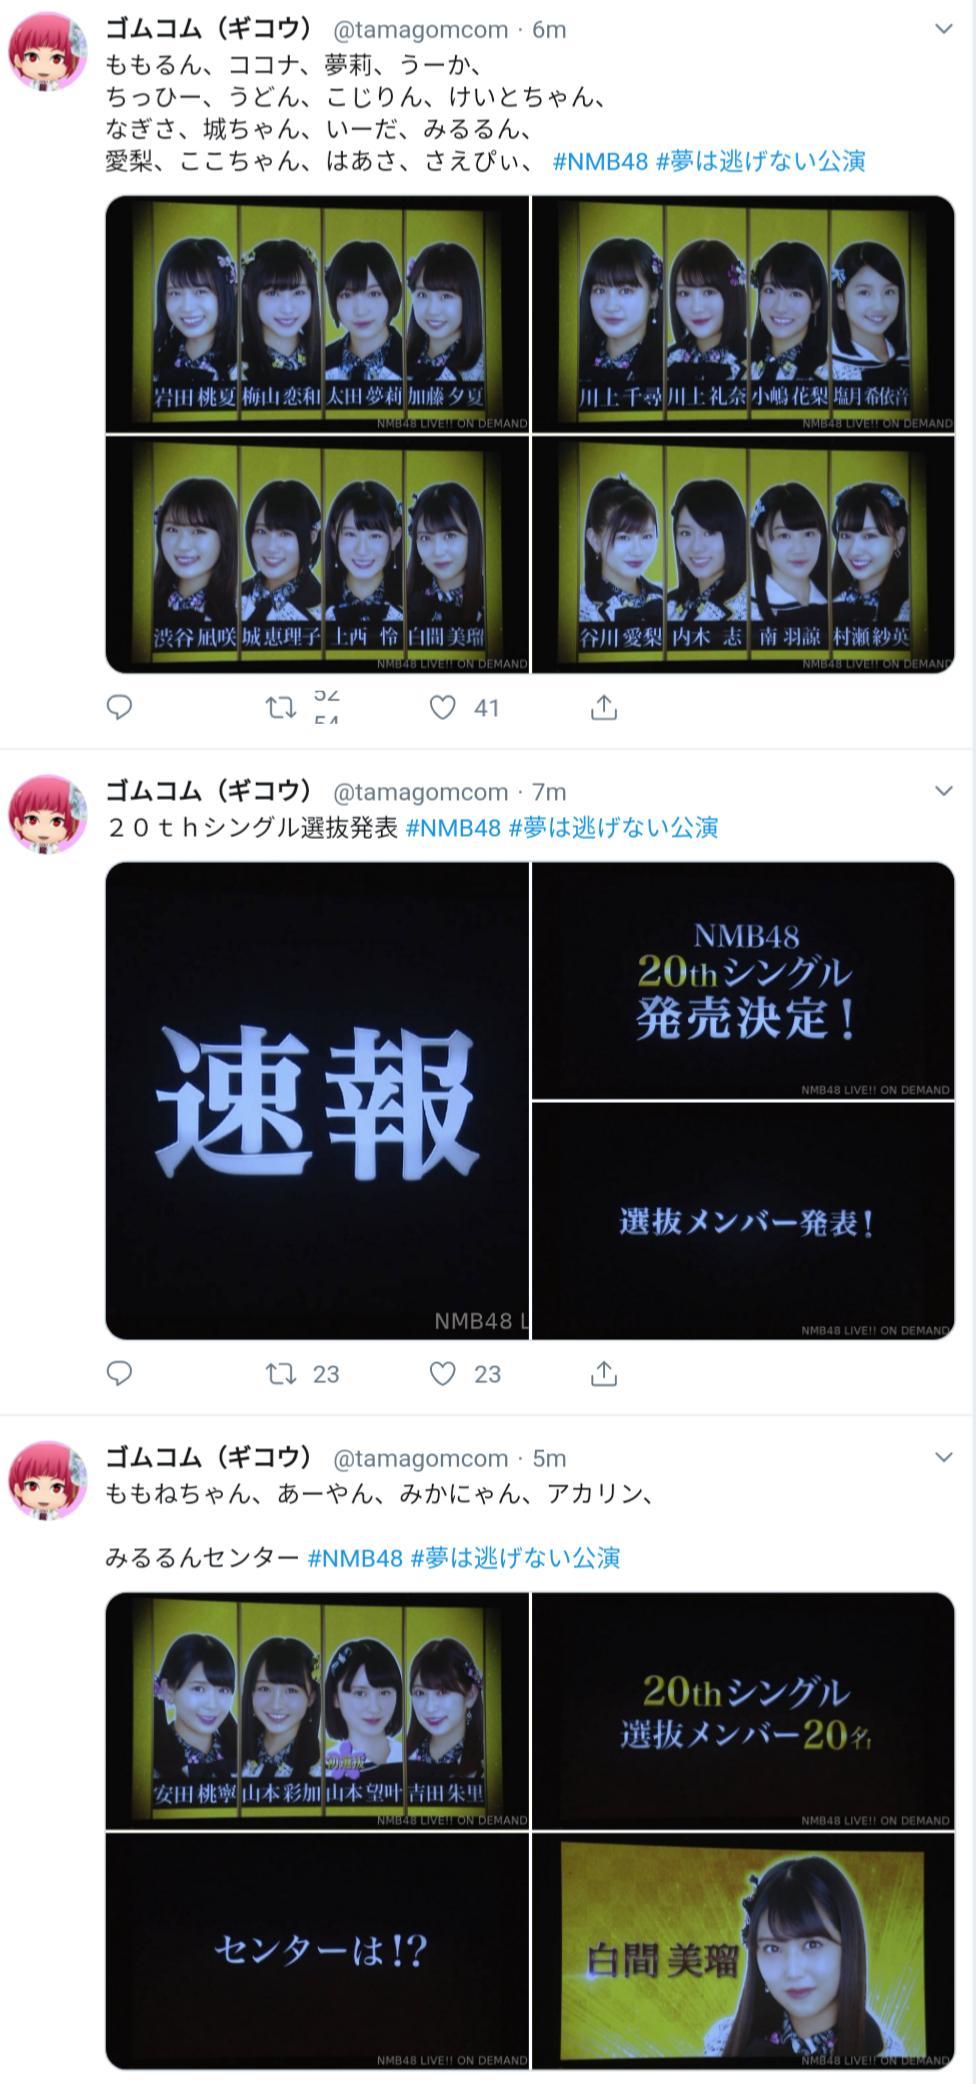 【速報】NMB48 2/20シングル発売決定!選抜発表キタ━━(゚∀゚)━━!!→ファンの反応